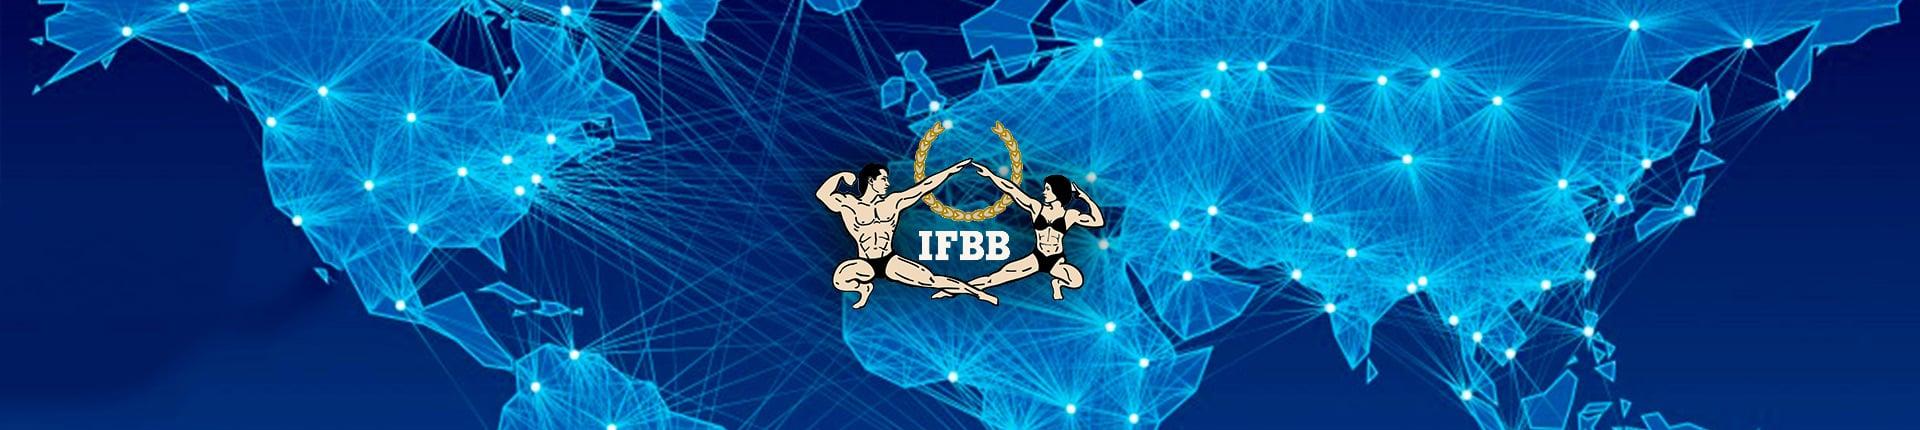 Mistrzostwa Świata w Fitness IFBB 2019 - Mamy  złote medale!